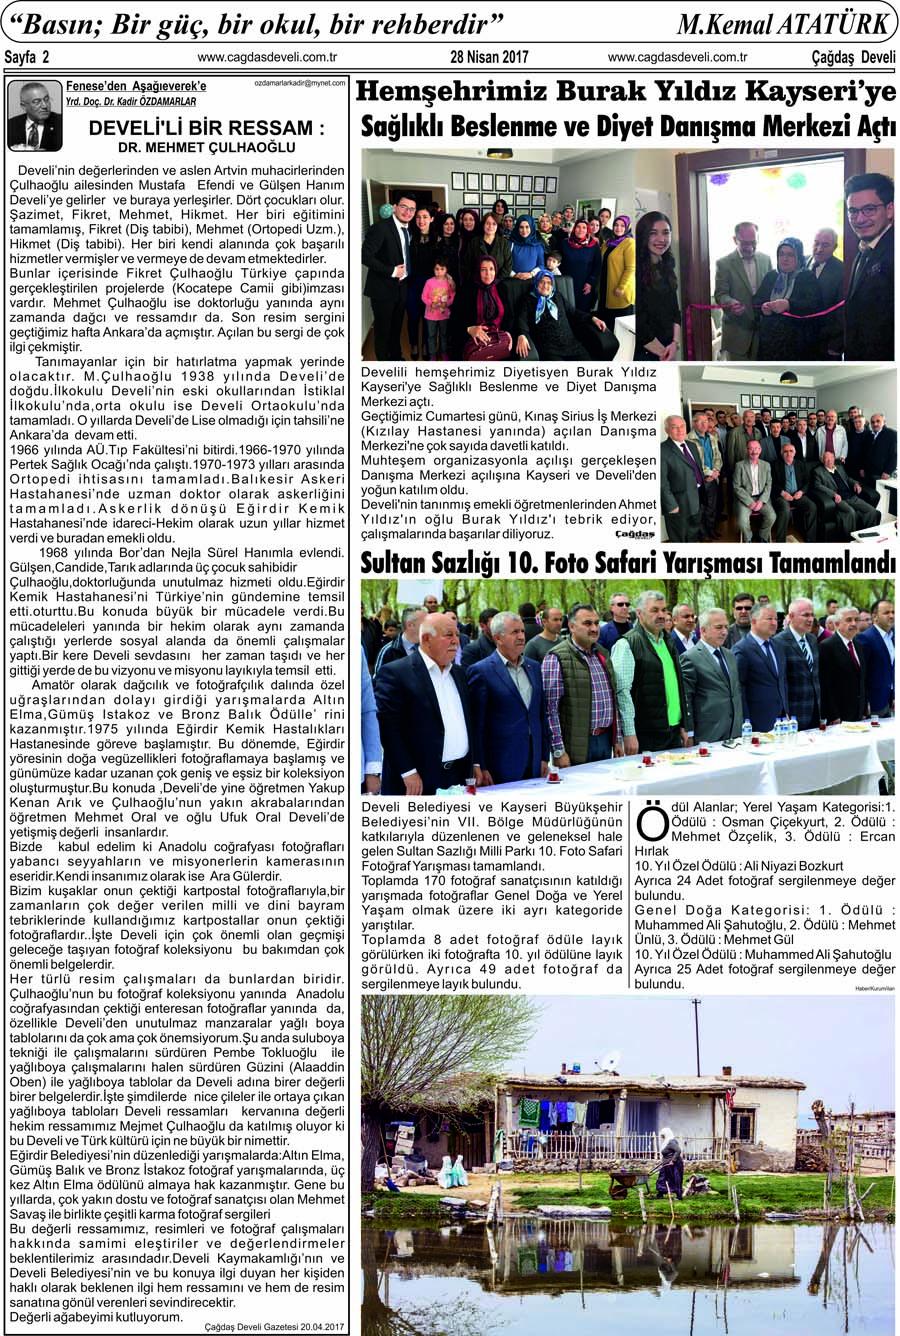 Çağdaş Develi Gazetesi, 28 Nisan 2017, Sayfa 2